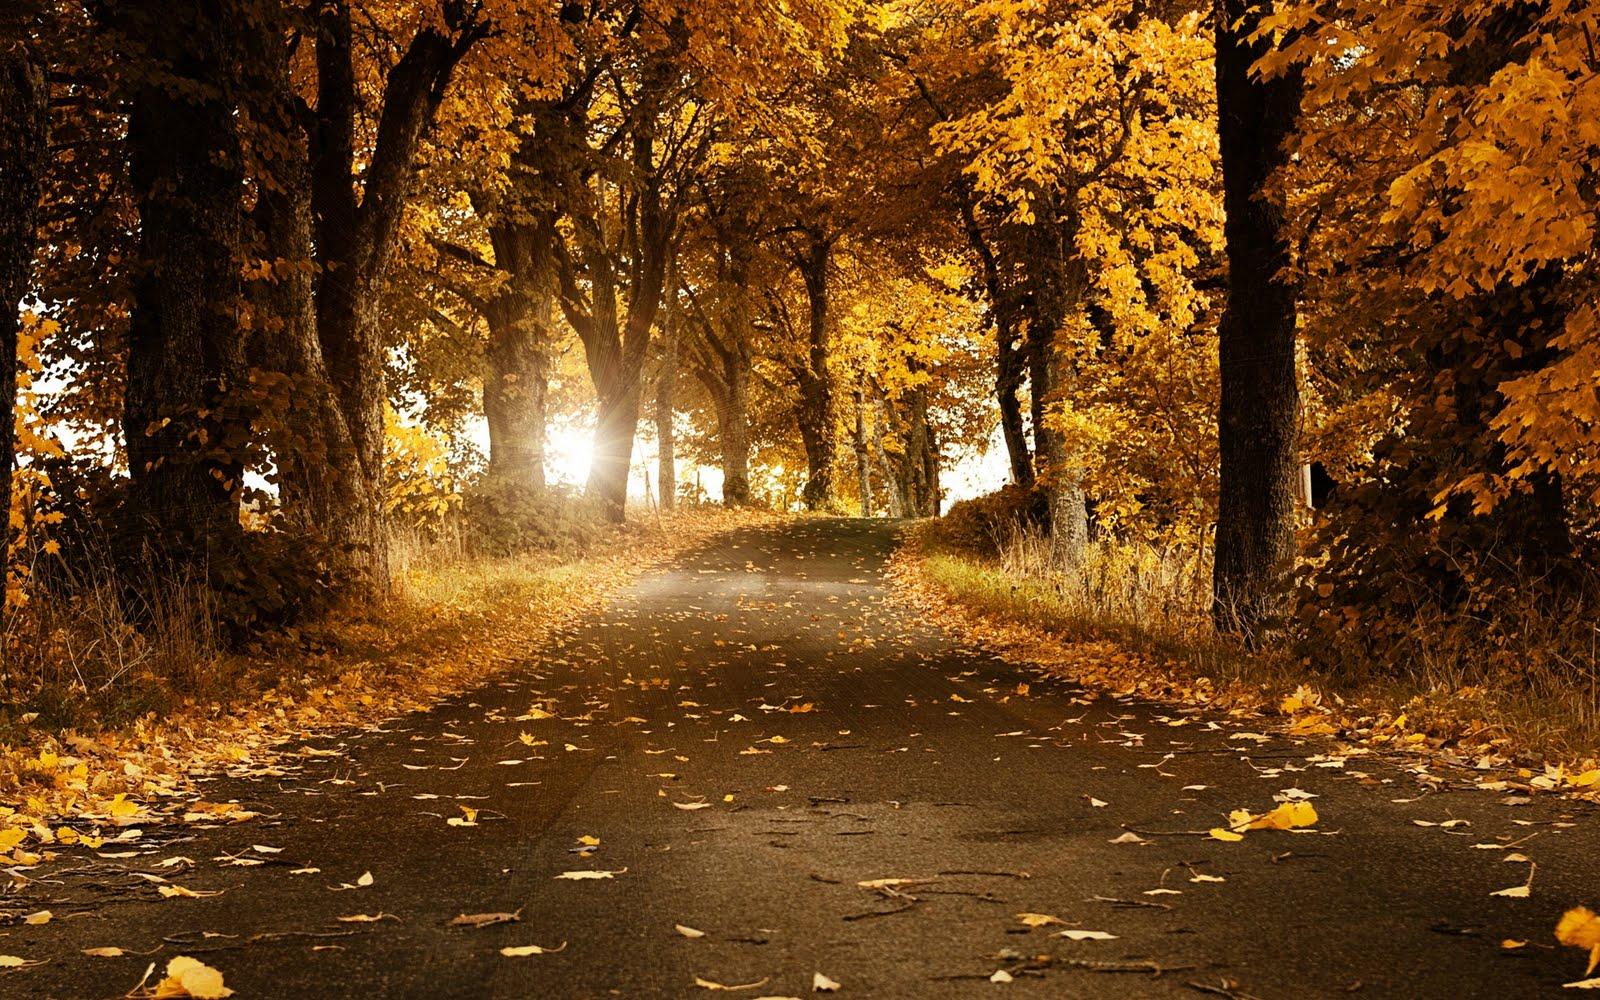 http://3.bp.blogspot.com/-evPSKUOqxF0/Tk84qAmmHDI/AAAAAAAAAJc/gmulqqEeR7g/s1600/autumn_breeze-1920x1200.jpg